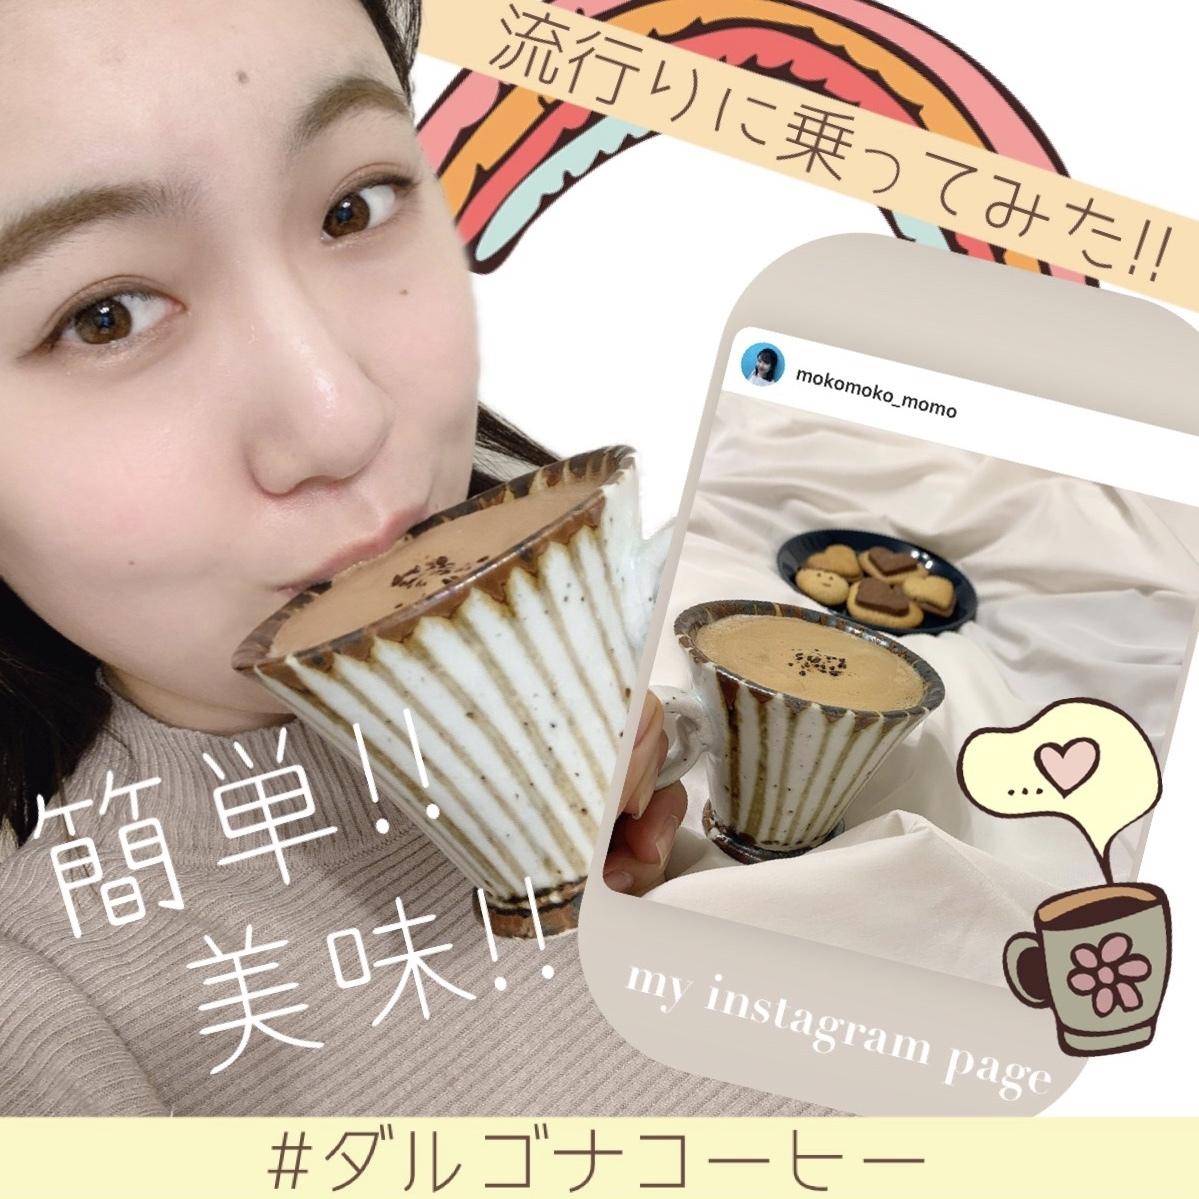 【おうちカフェ】#ダルゴナコーヒーが簡単でお洒落で美味!!_1_1